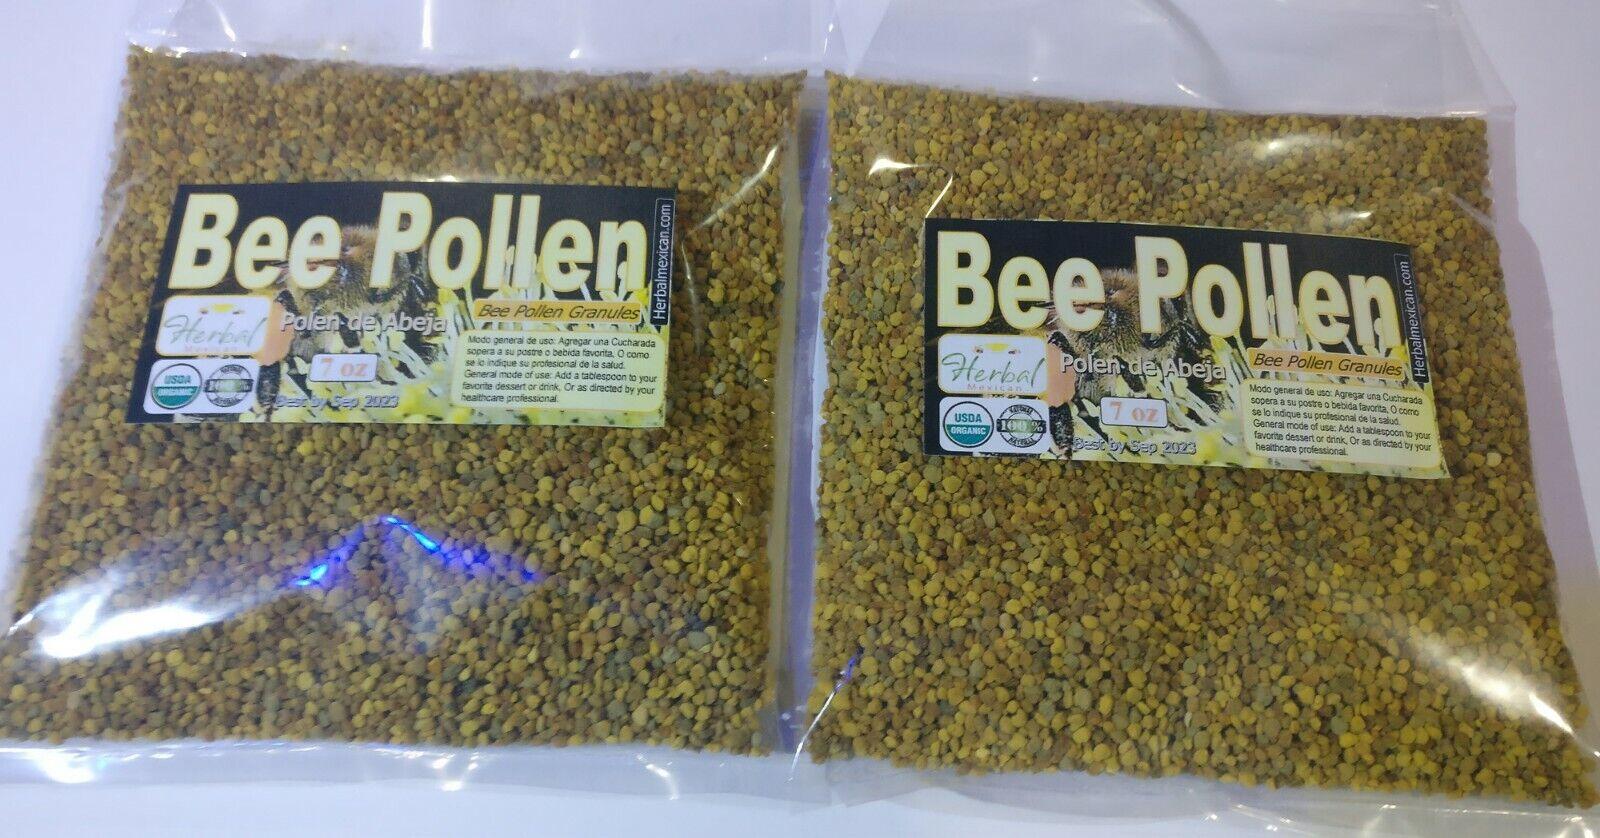 Polen de Abeja, Bee pollen, Bee pollen Granules, Natural Bee pollen, Pure Pollen 5